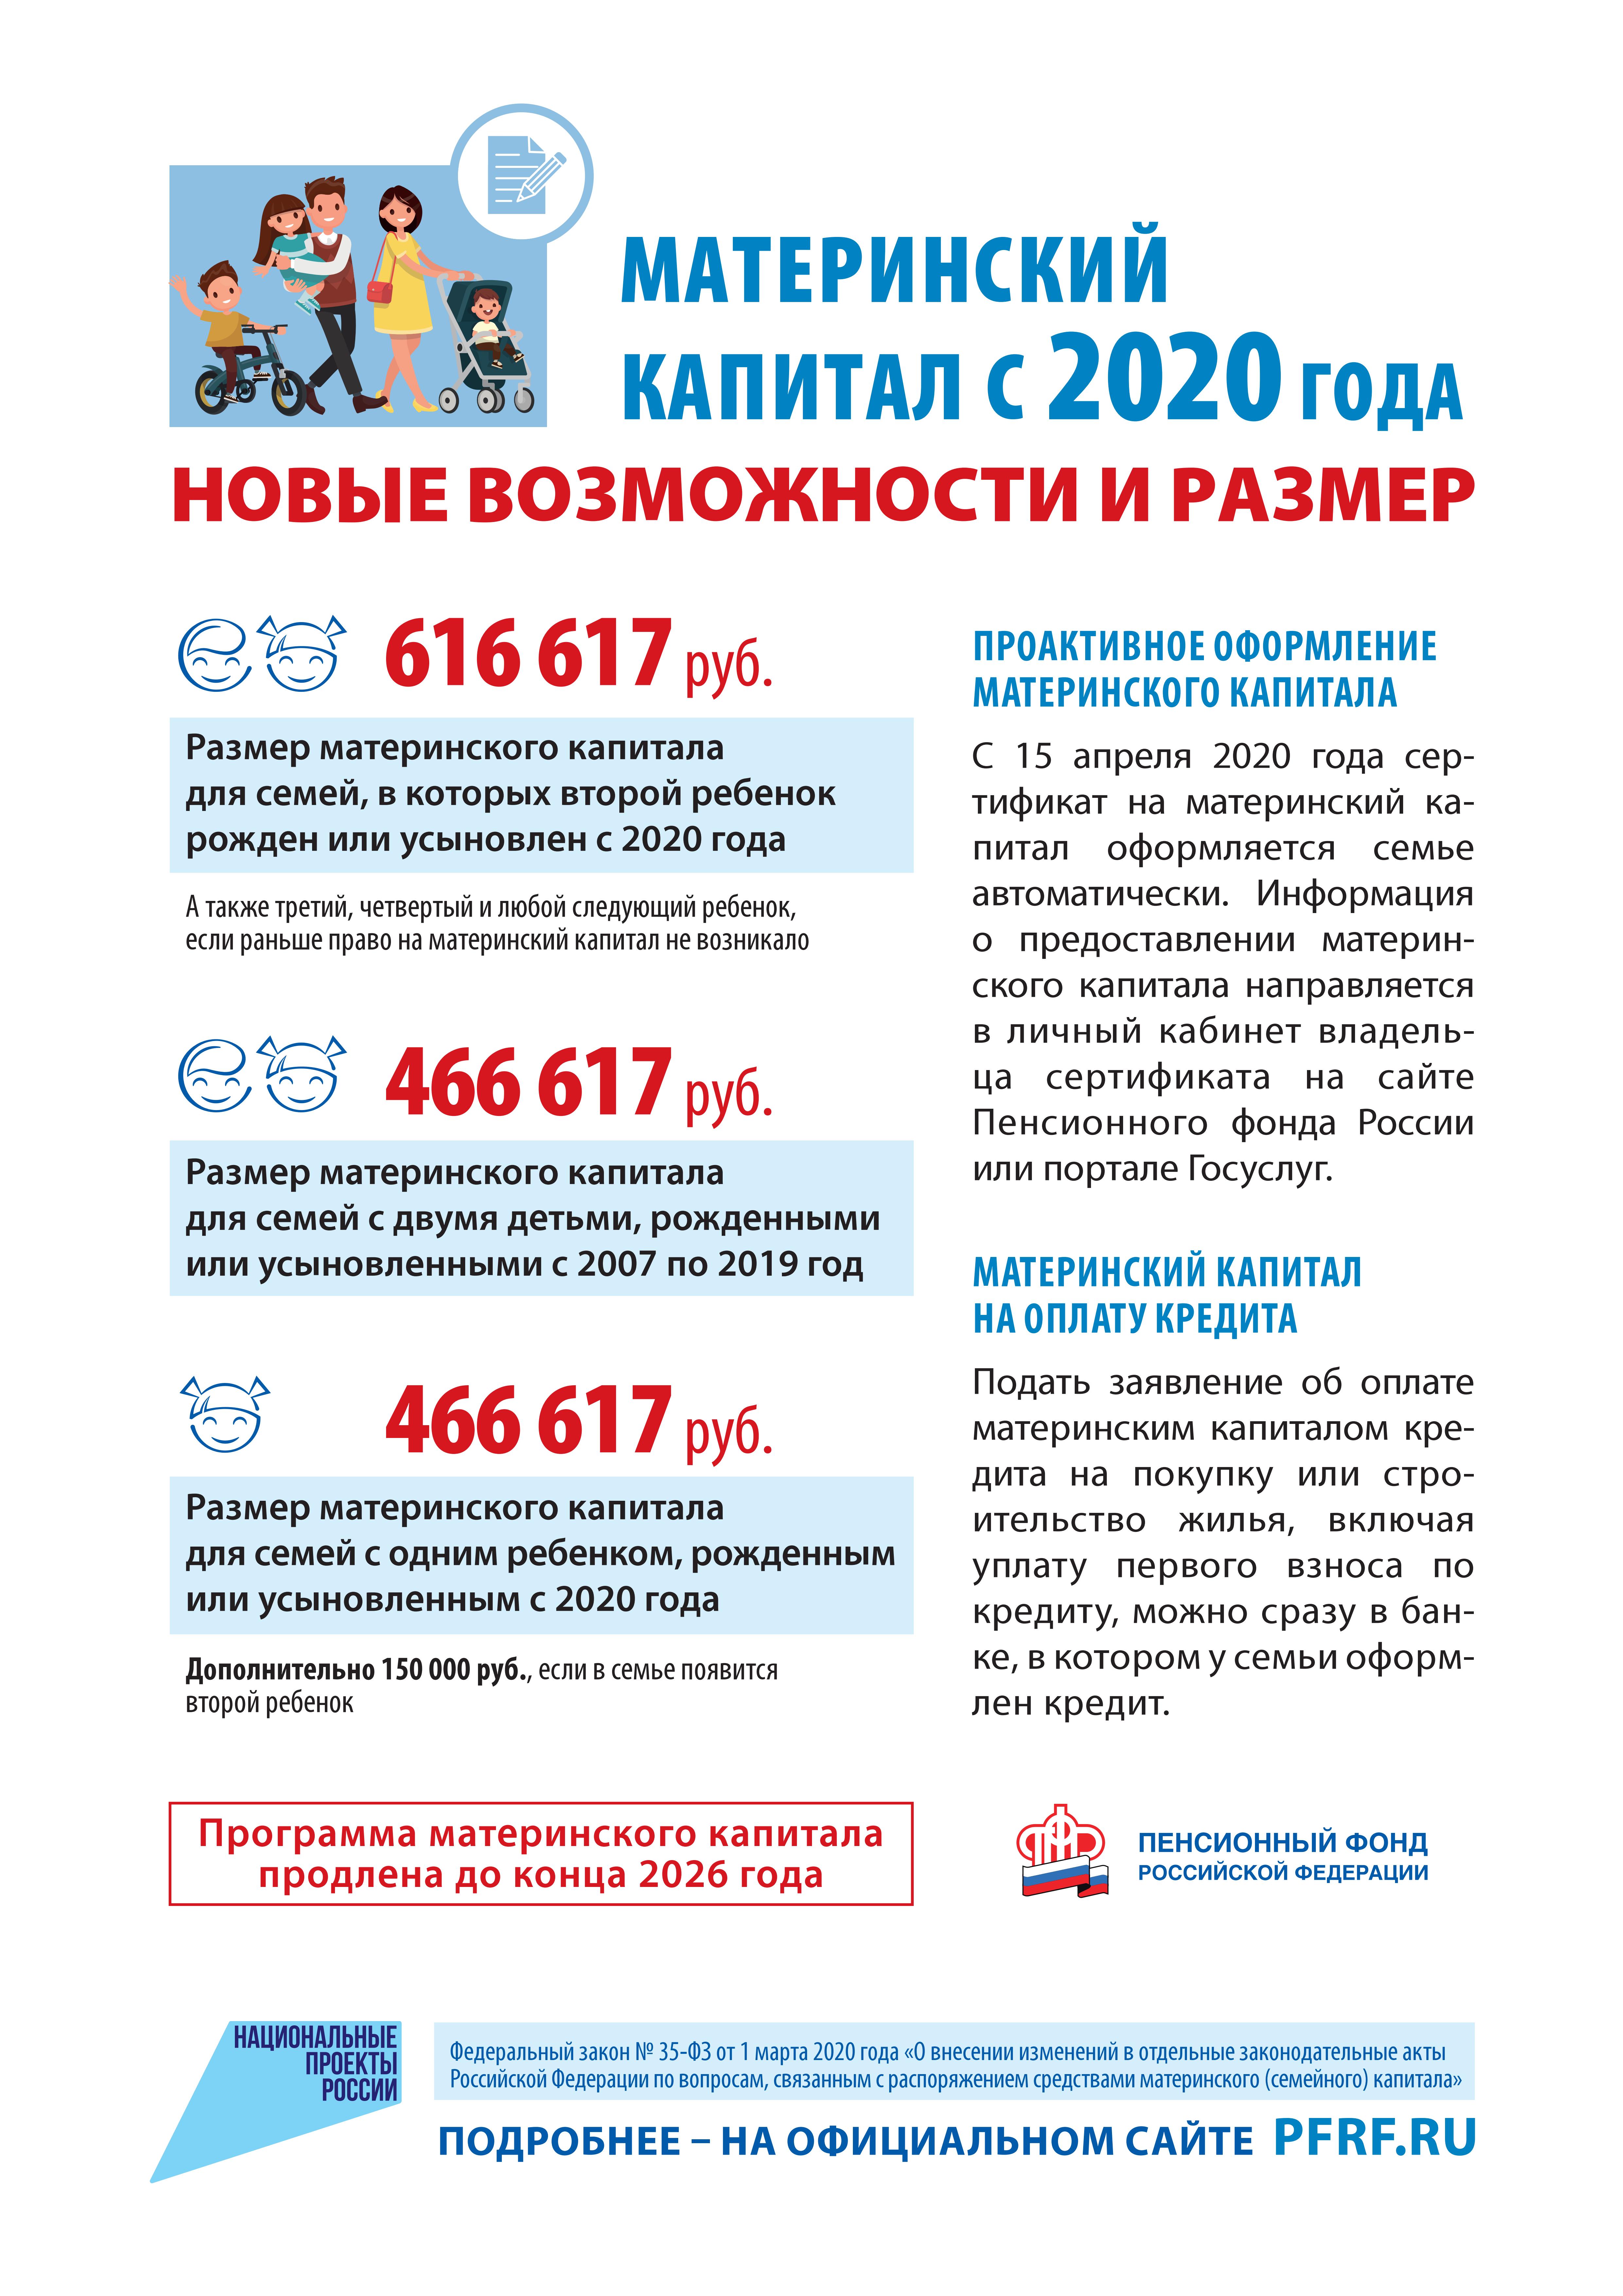 пенсионная реформа 2019